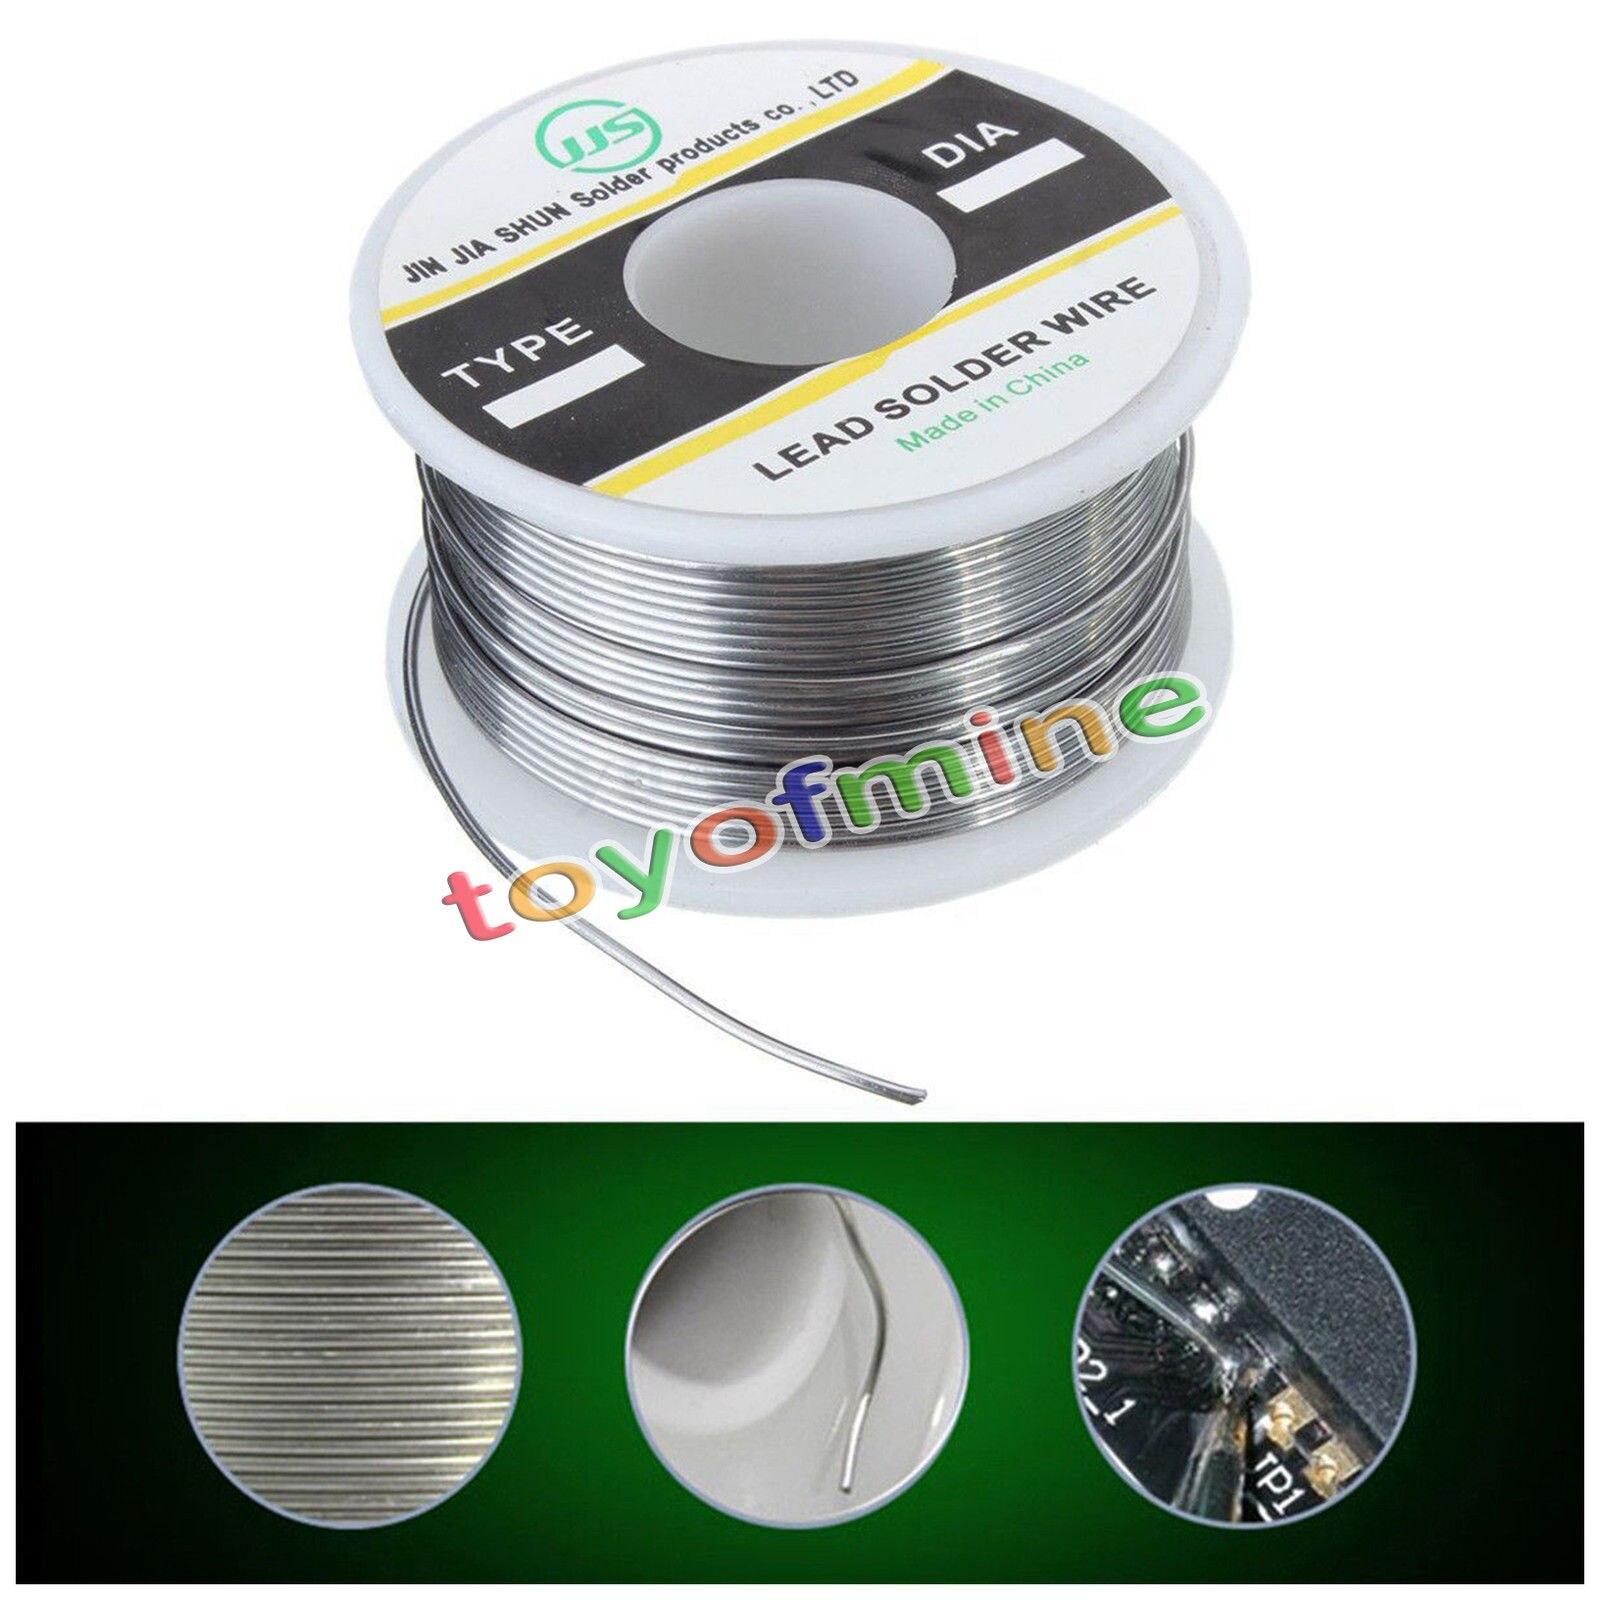 100g 1mm 60/40 Flux Reel/Tube Tin Lead Rosin Core Solder Soldering ...